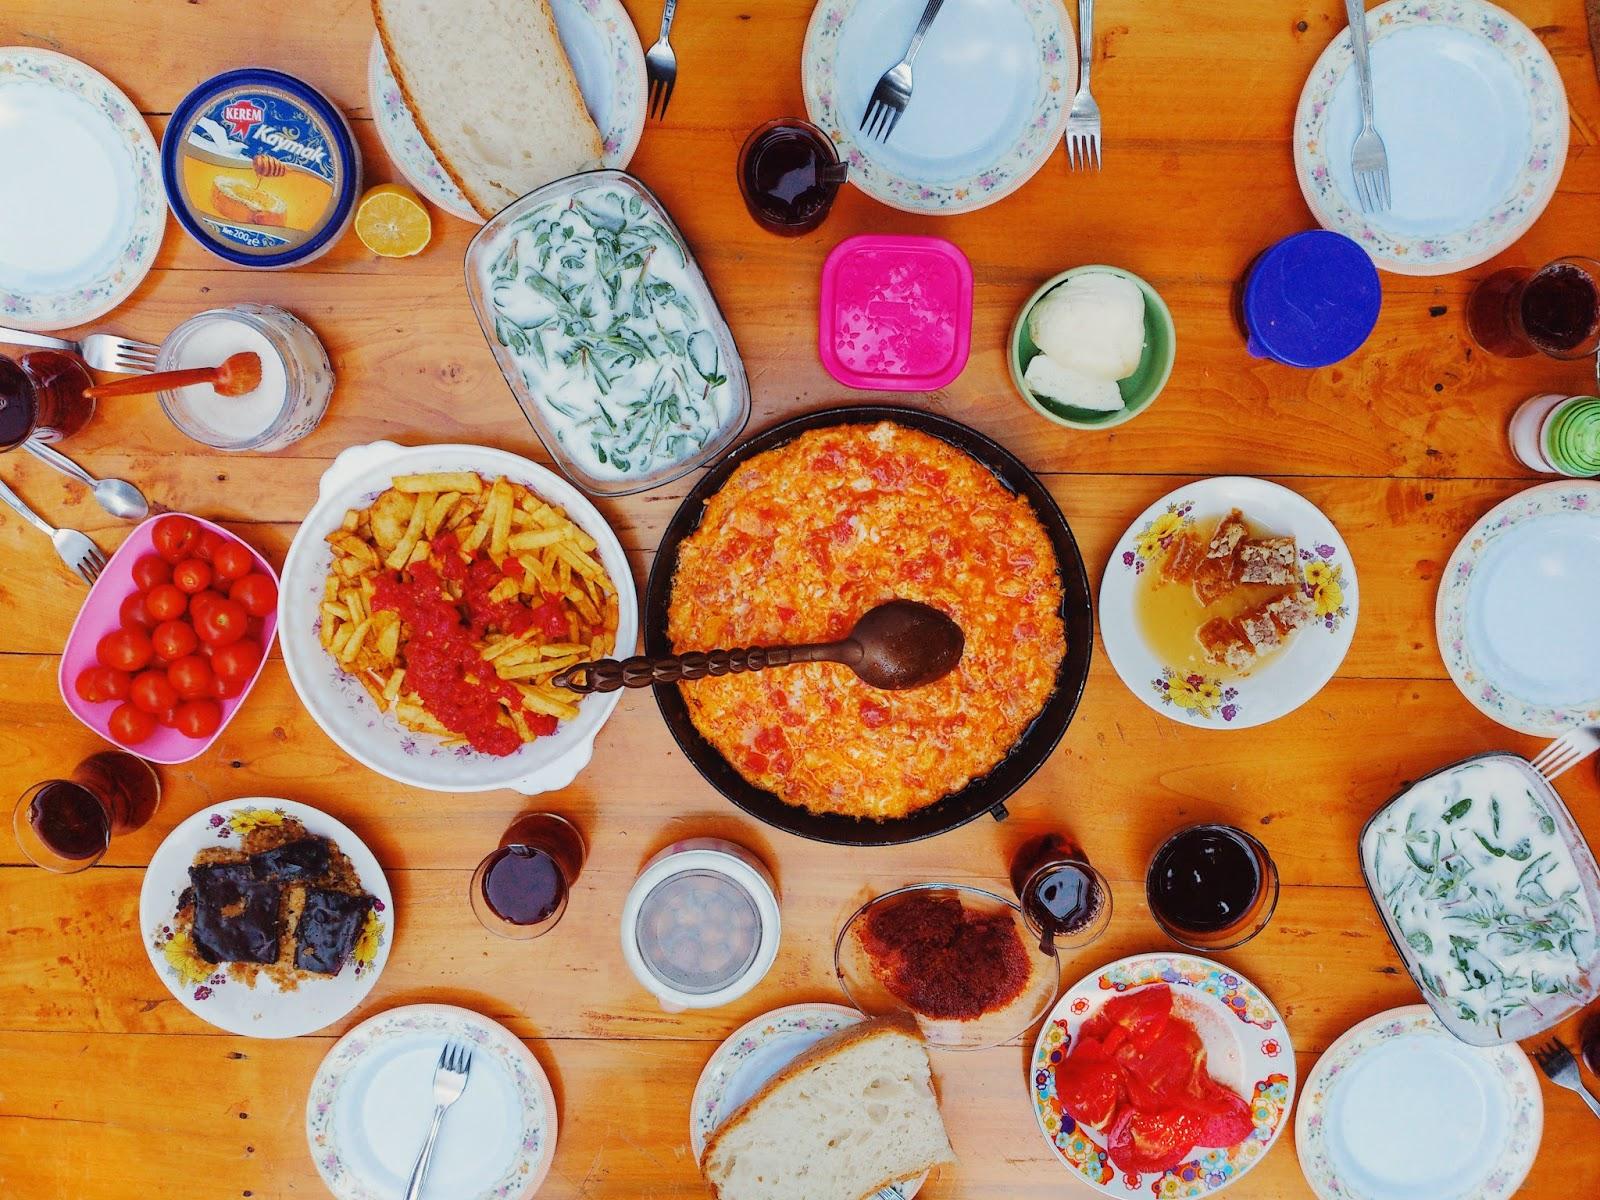 geleneksel kahvaltı, serpme kahvaltı